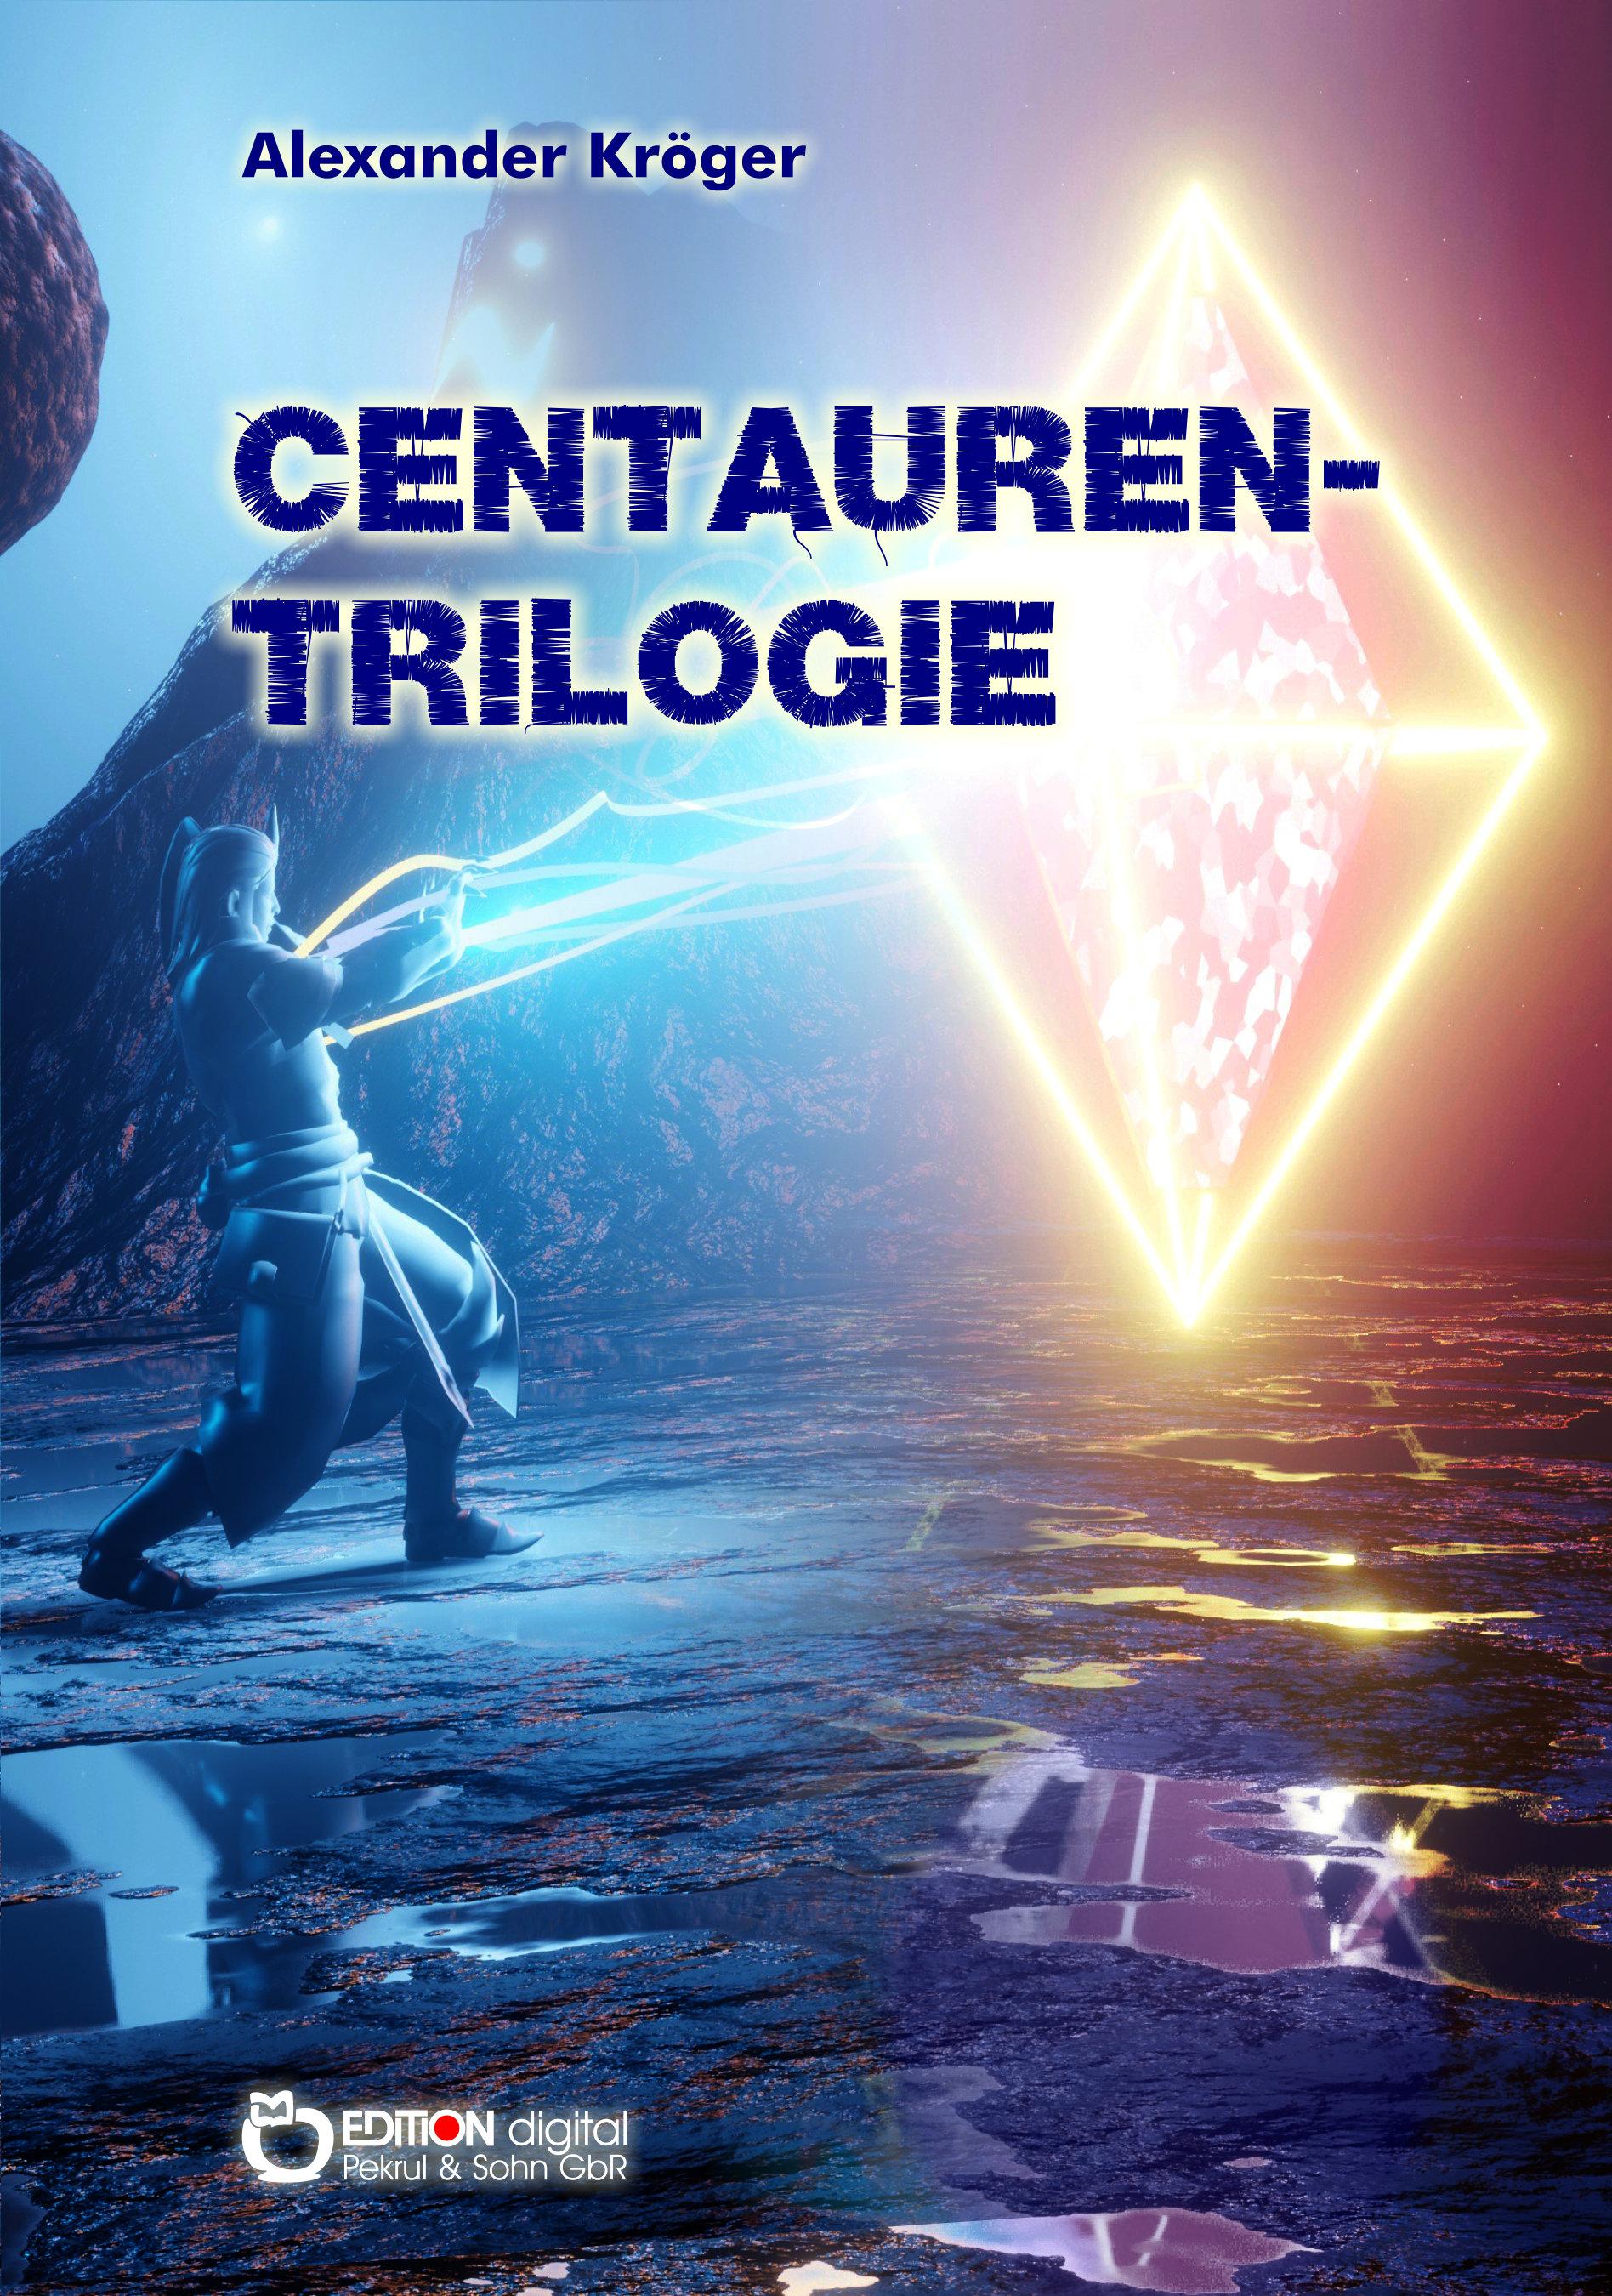 Centauren-Trilogie von Alexander Kröger